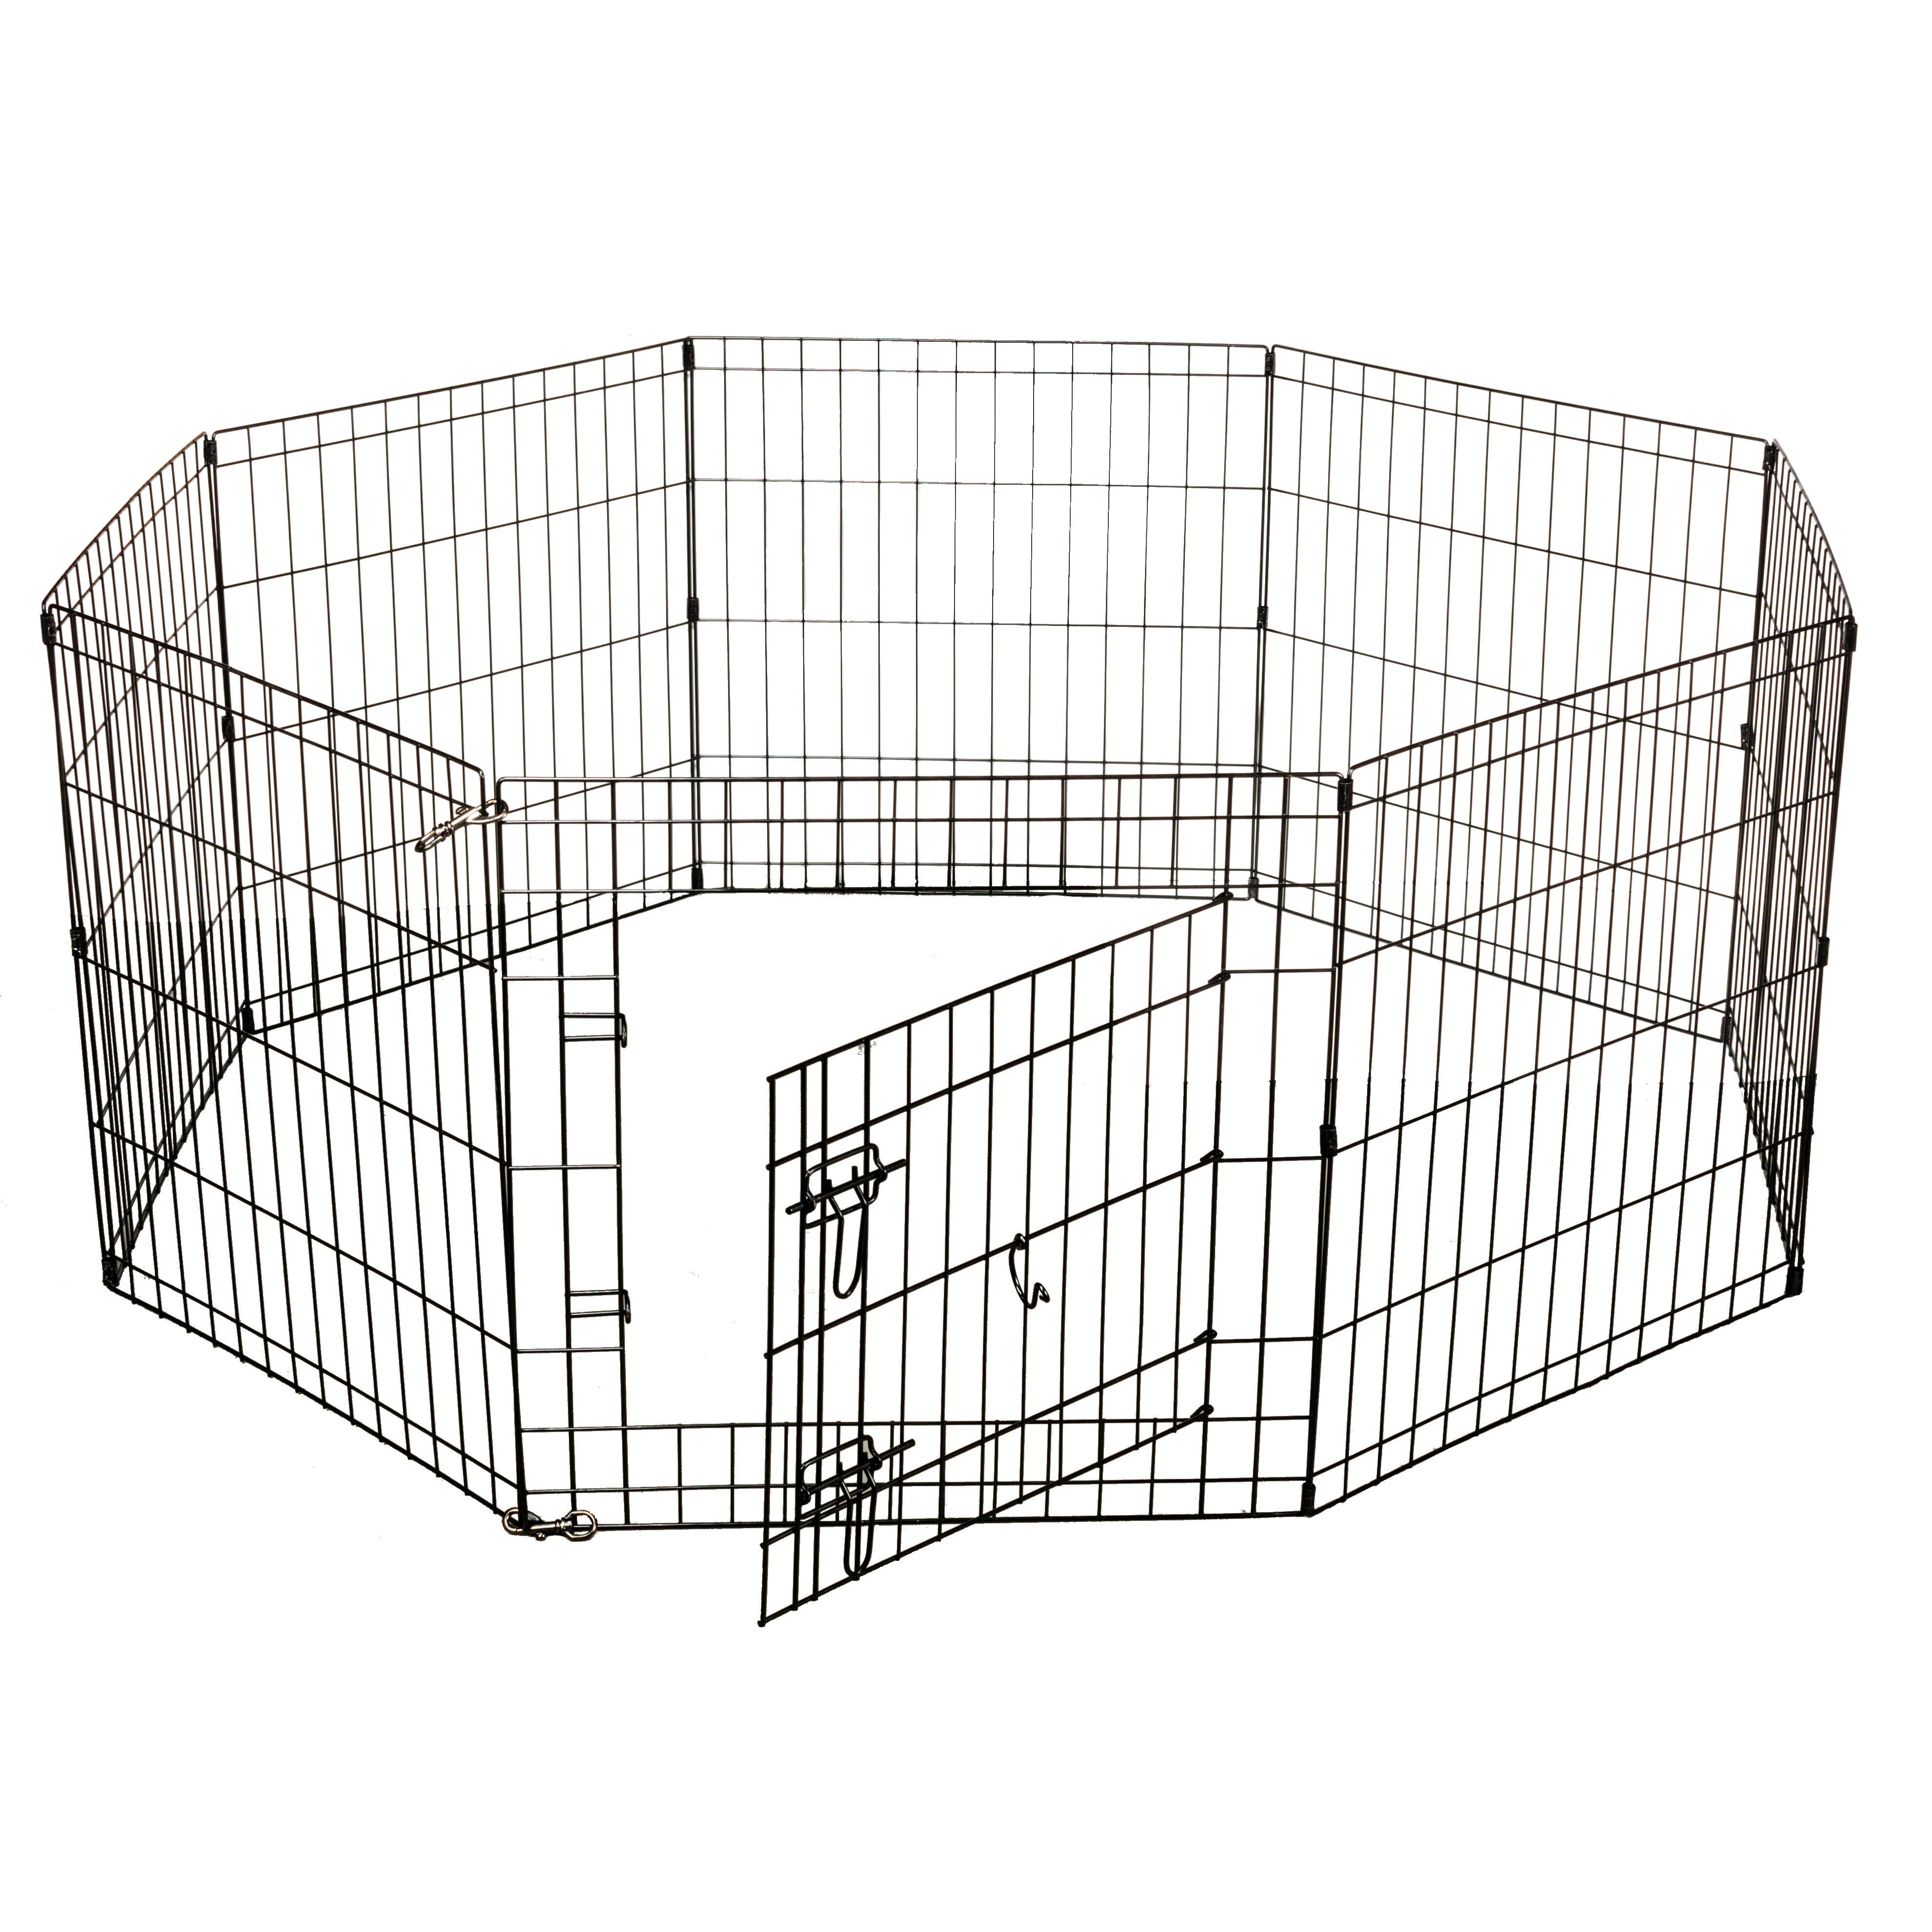 Petmax PETMAX Вольер 8 панелей (61х61 см)